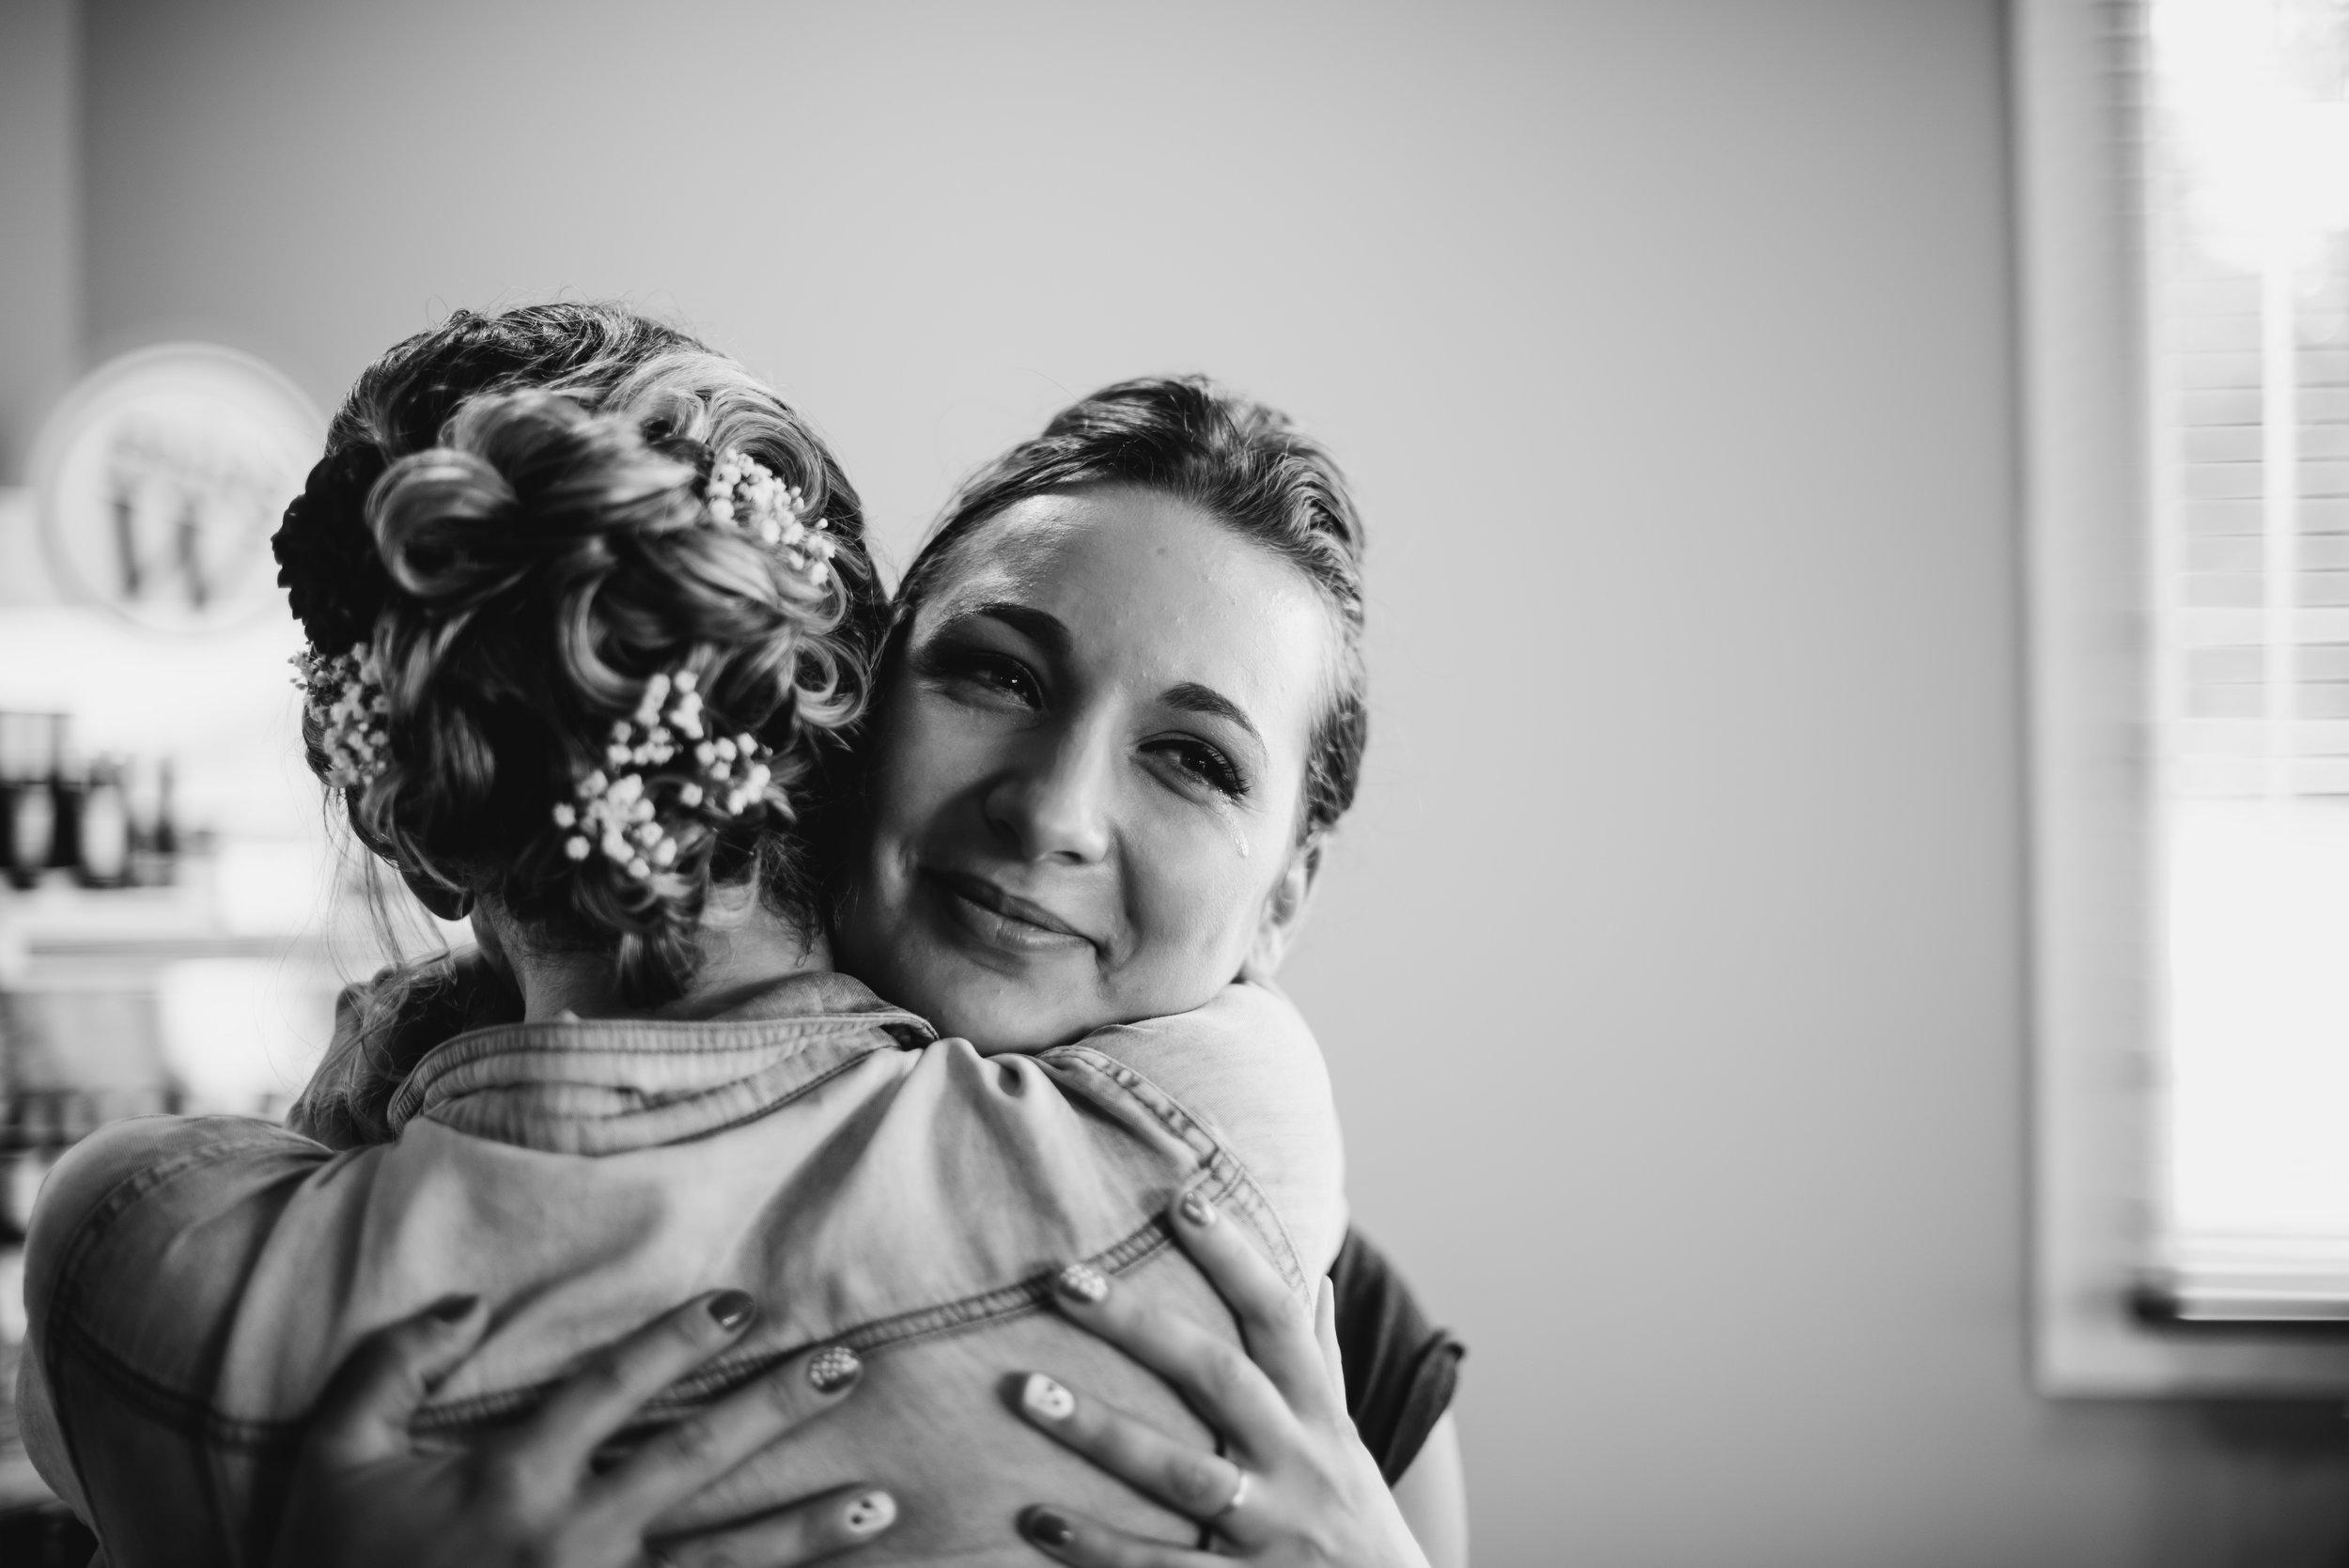 Léa-Fery-photographe-professionnel-lyon-rhone-alpes-portrait-creation-mariage-evenement-evenementiel-famille-7061.jpg